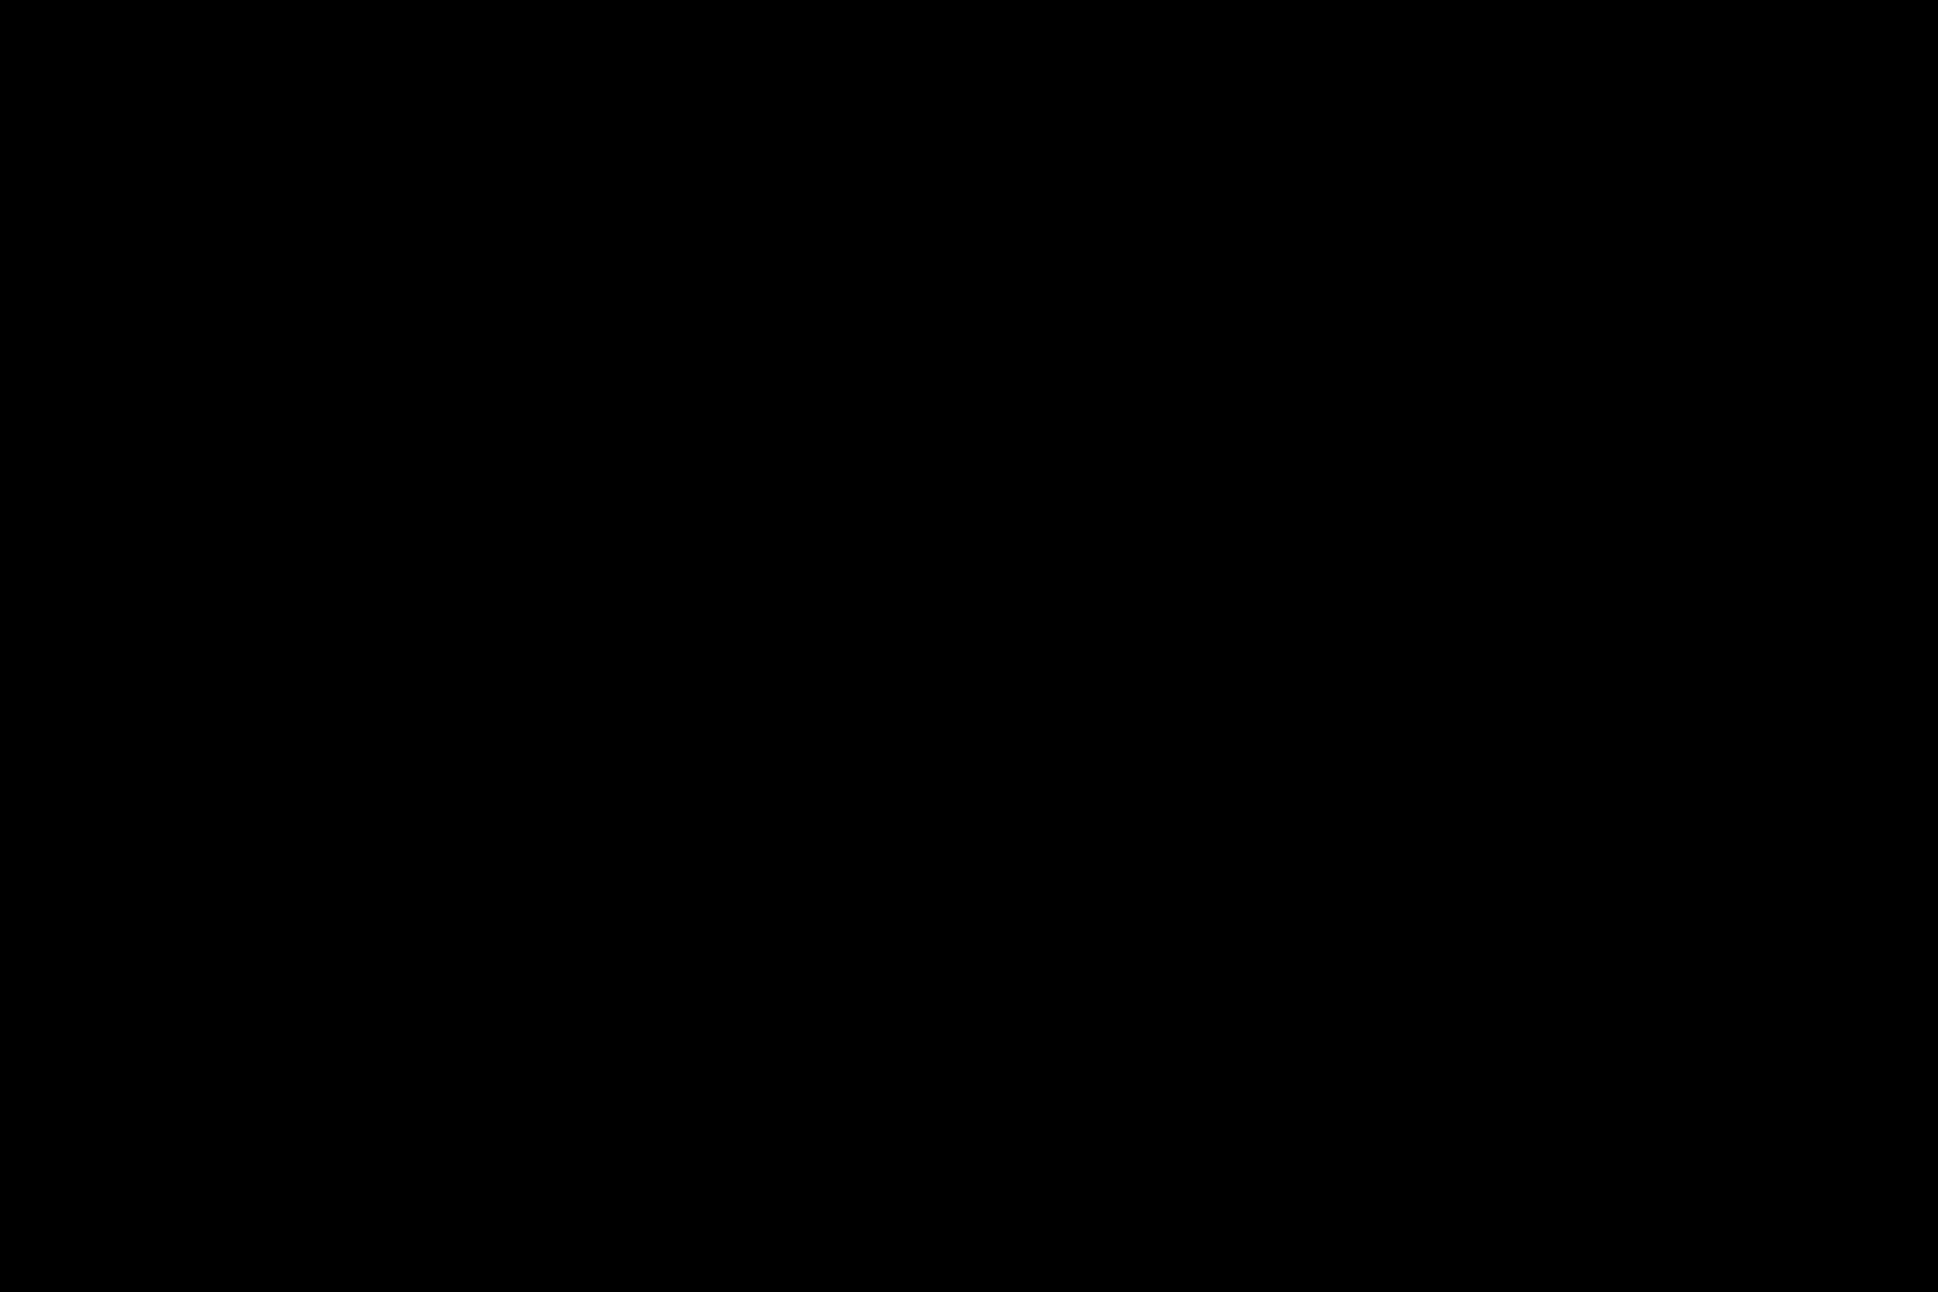 i69a0414